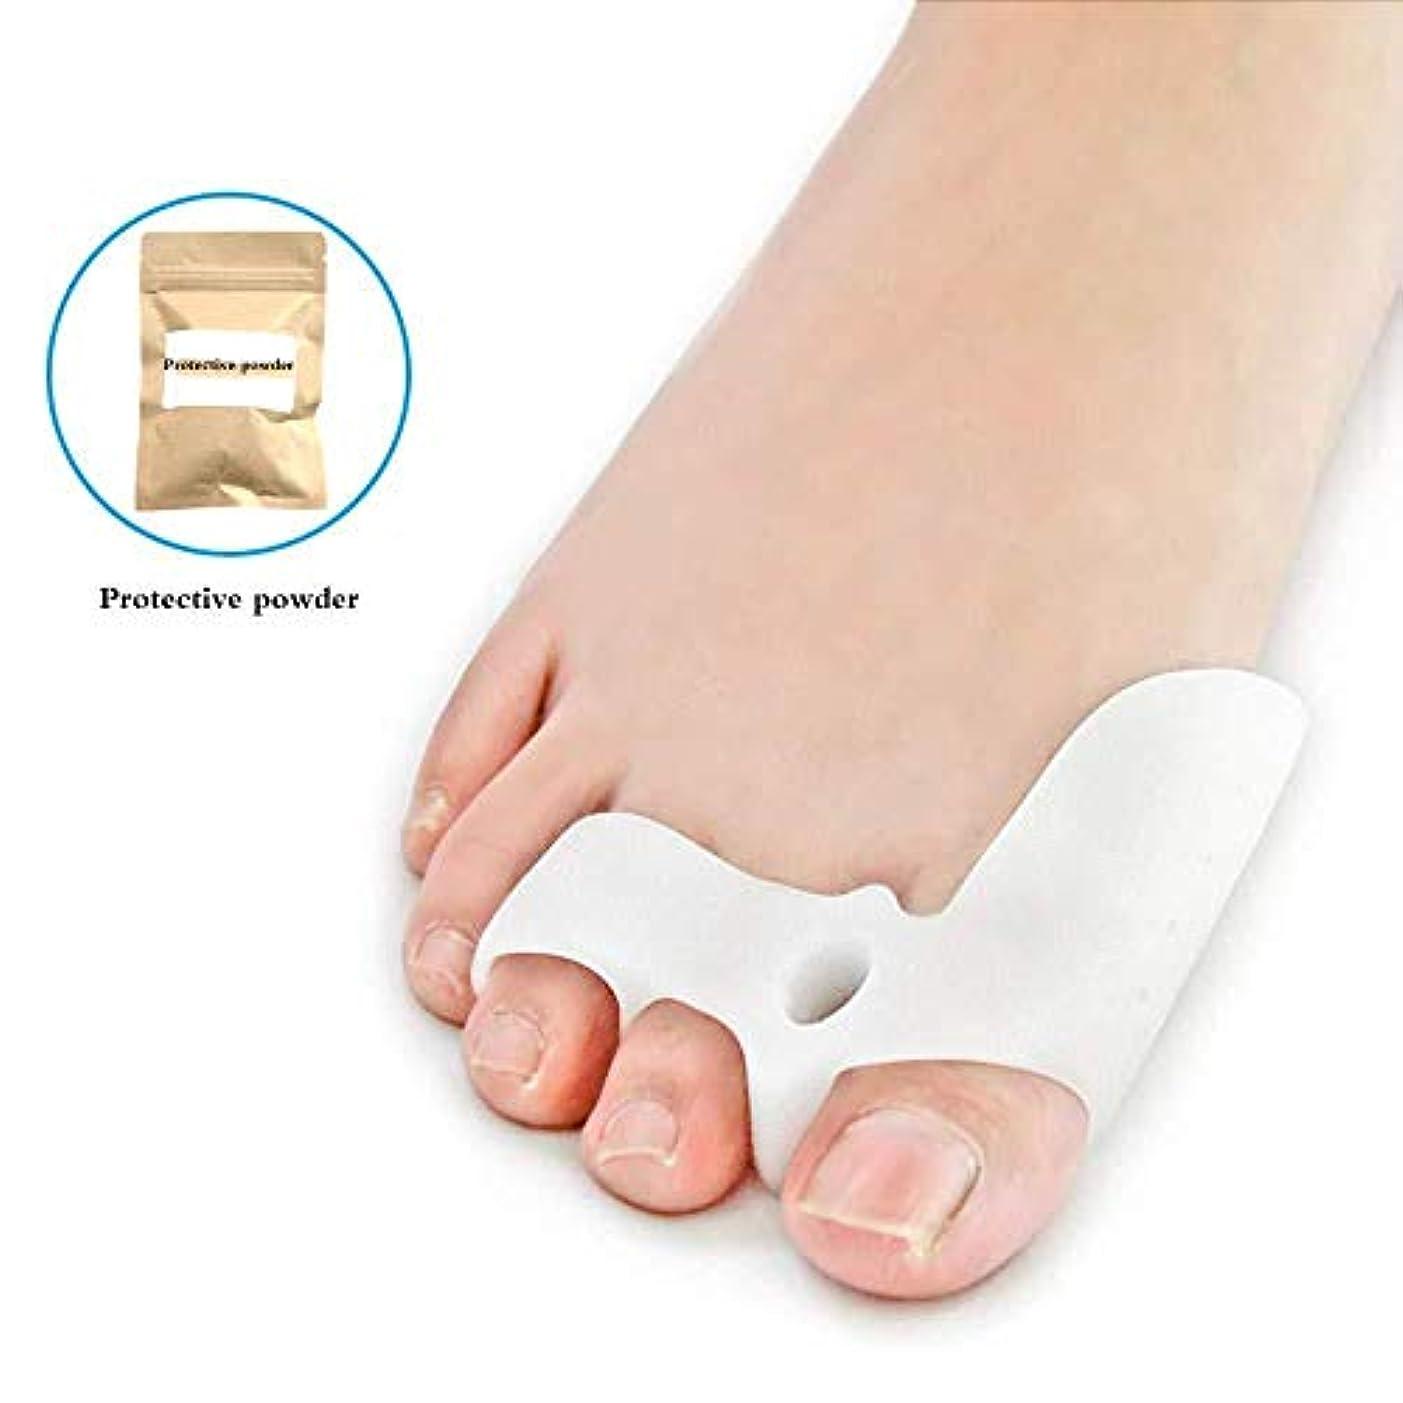 通常注入欠席つま先セパレーター、ゲルつま先セパレーターストレッチャーつま先カフ緩和セット足の痛み脛骨の痛み